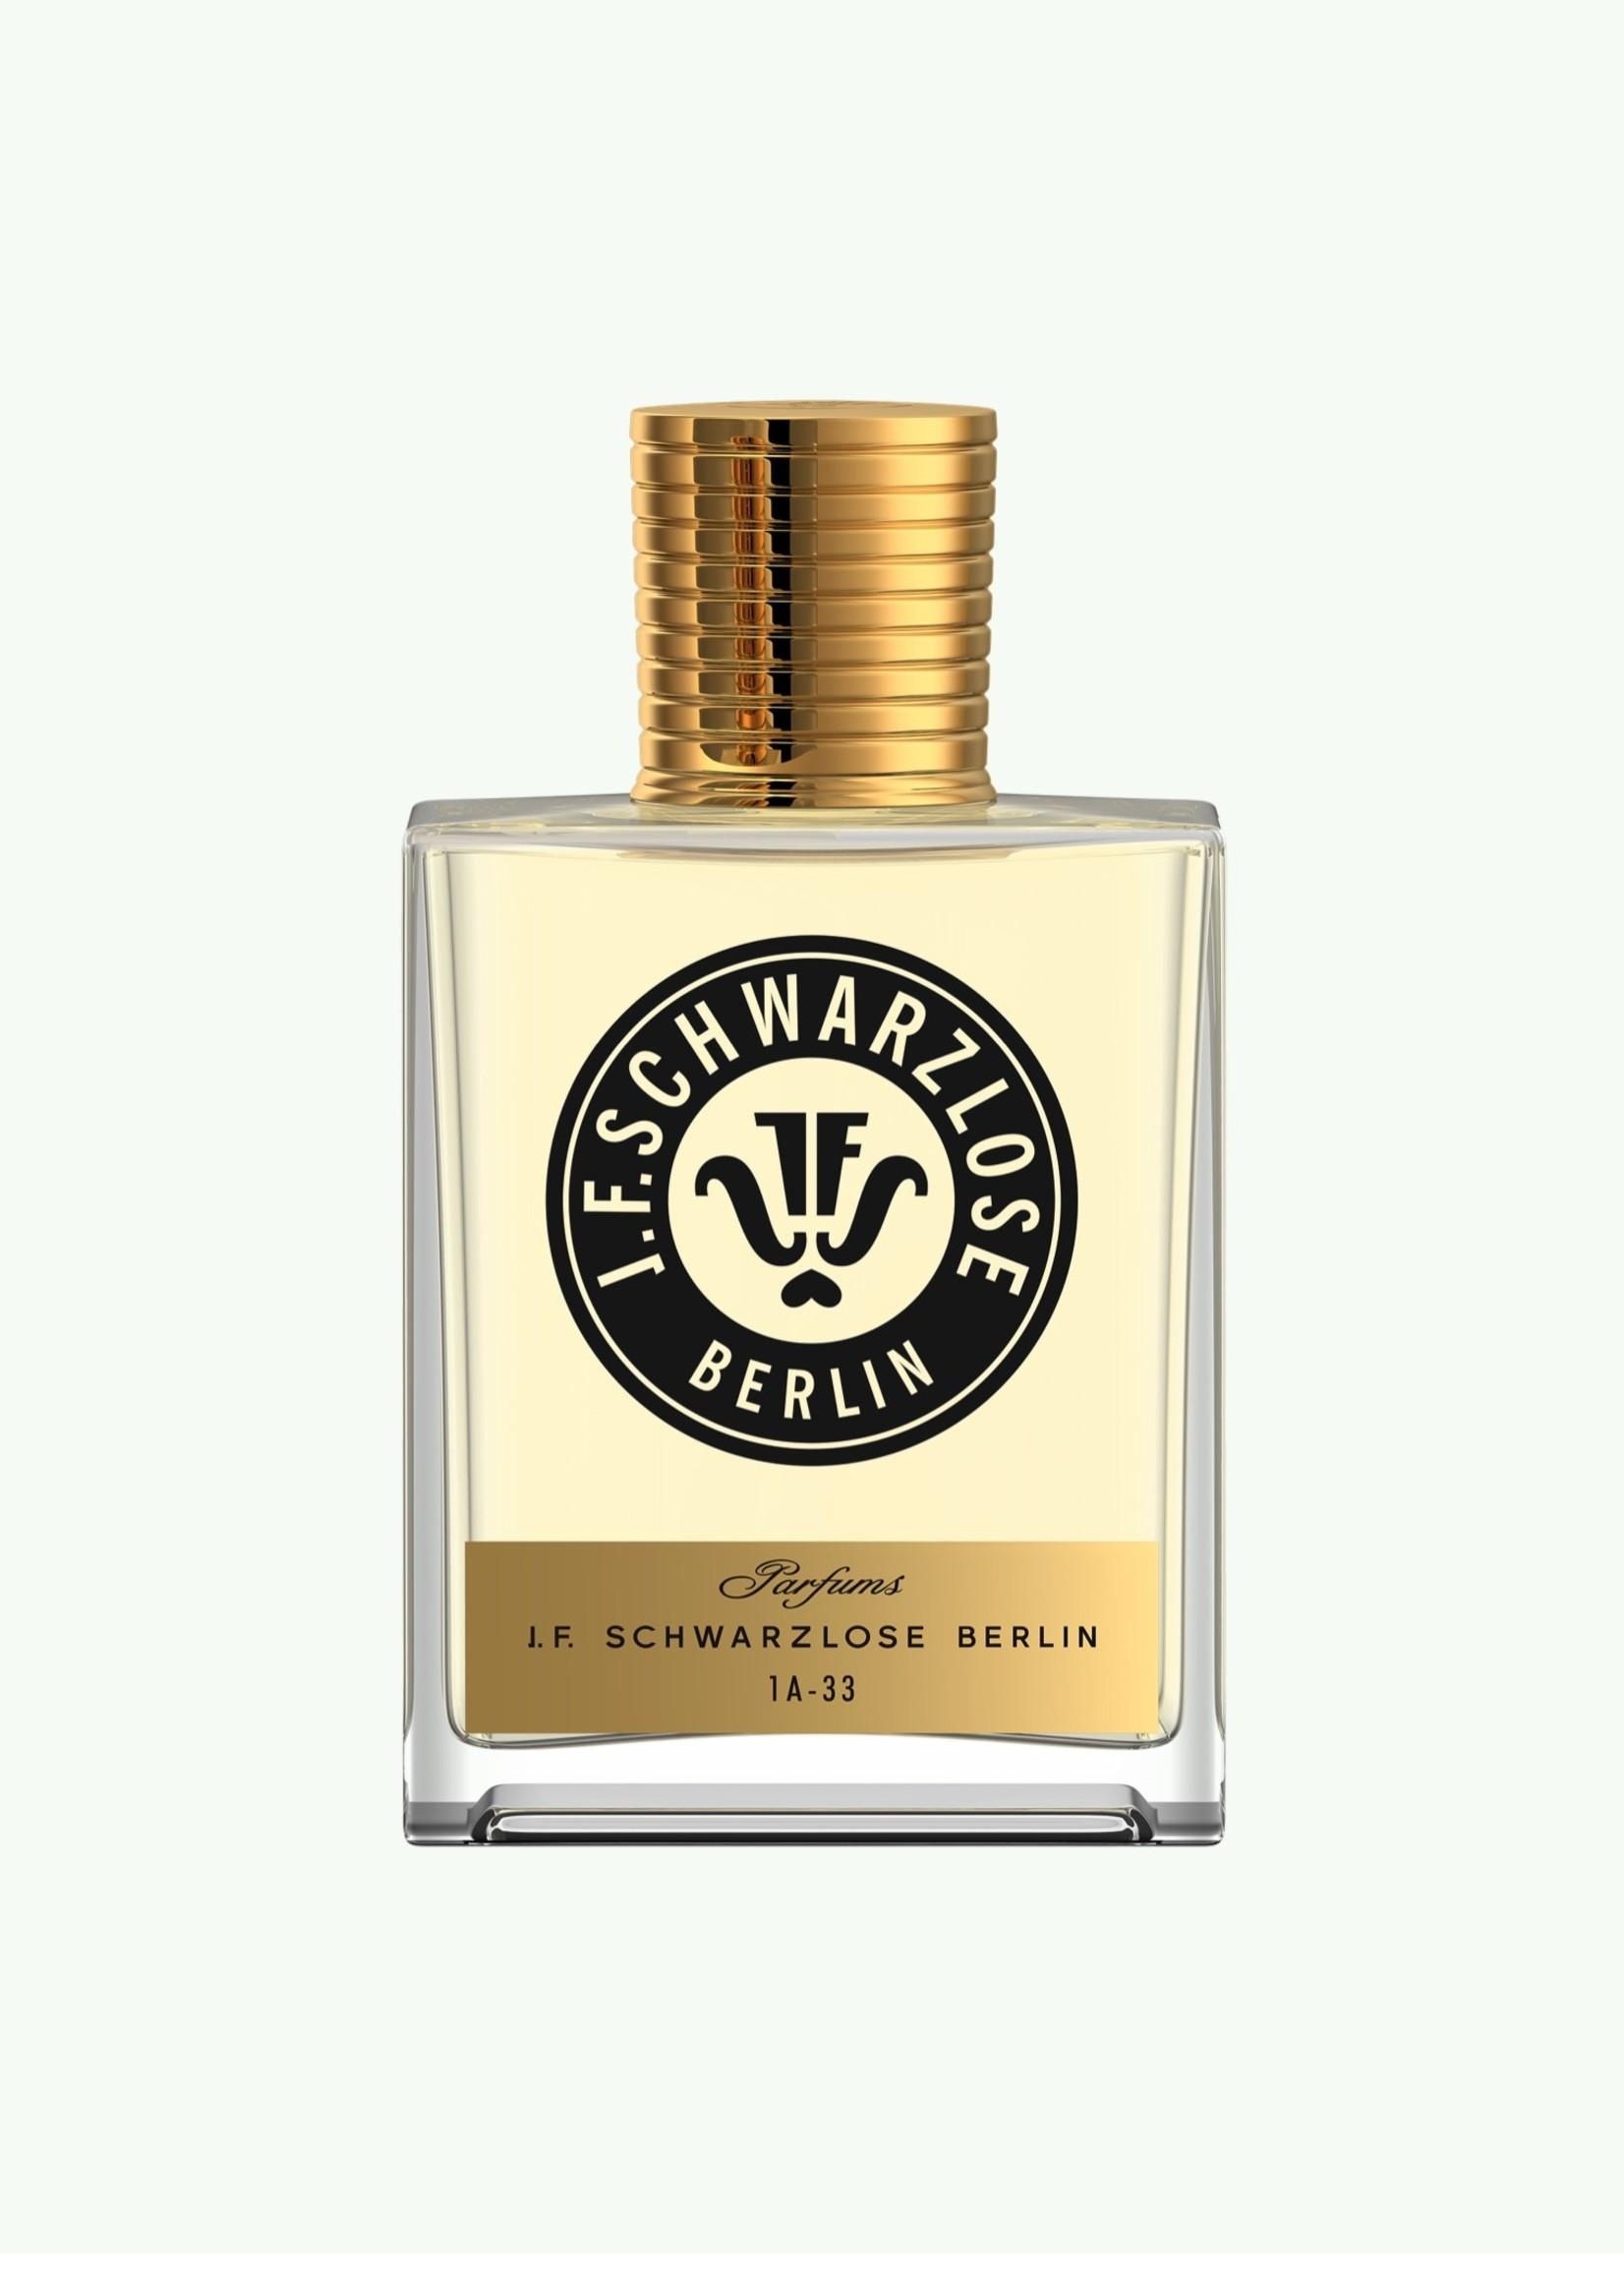 J.F. Schwarzlose Berlin J.F. Schwarzlose Berlin - 1A-33 - Eau de Parfum